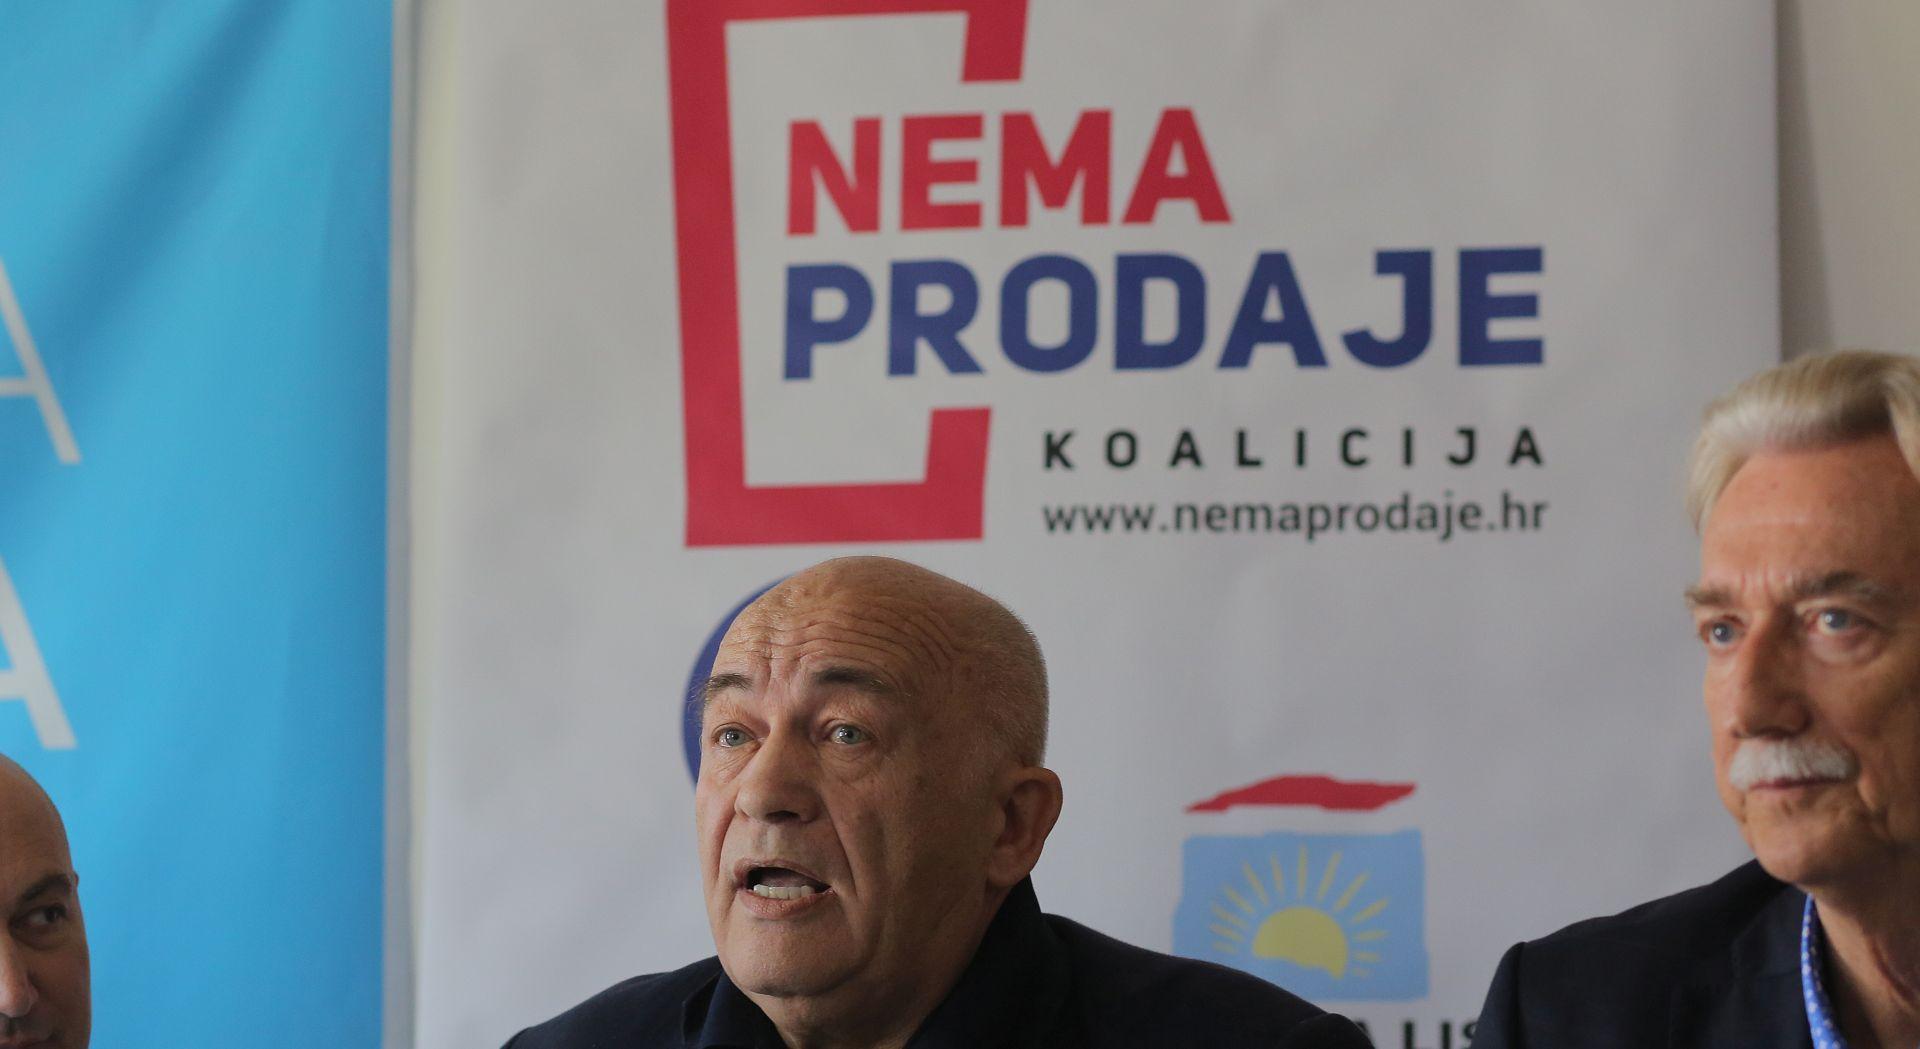 Koaliciji Nema prodaje pridružio se i ORaH: Borit ćemo se za malog čovjeka